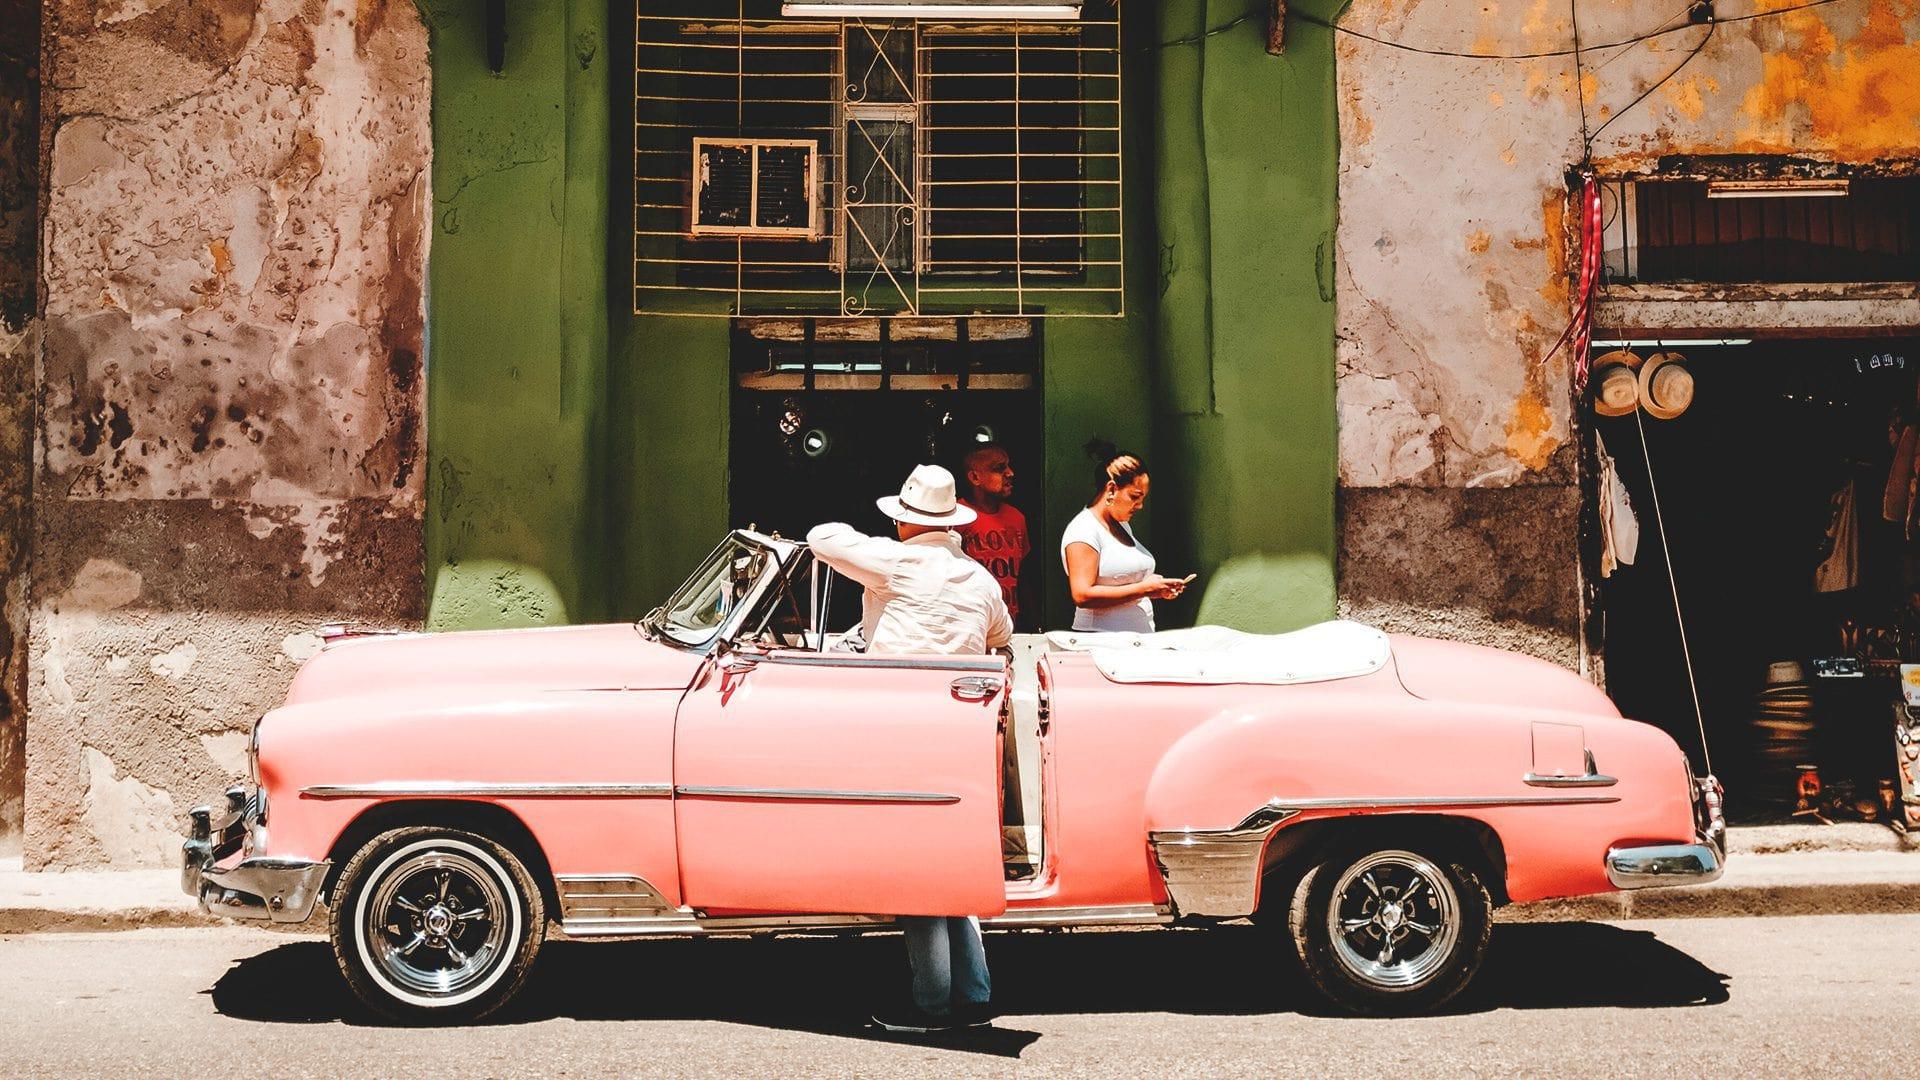 Qué ver en Cuba | Rojo Cangrejo Blog de Viajes